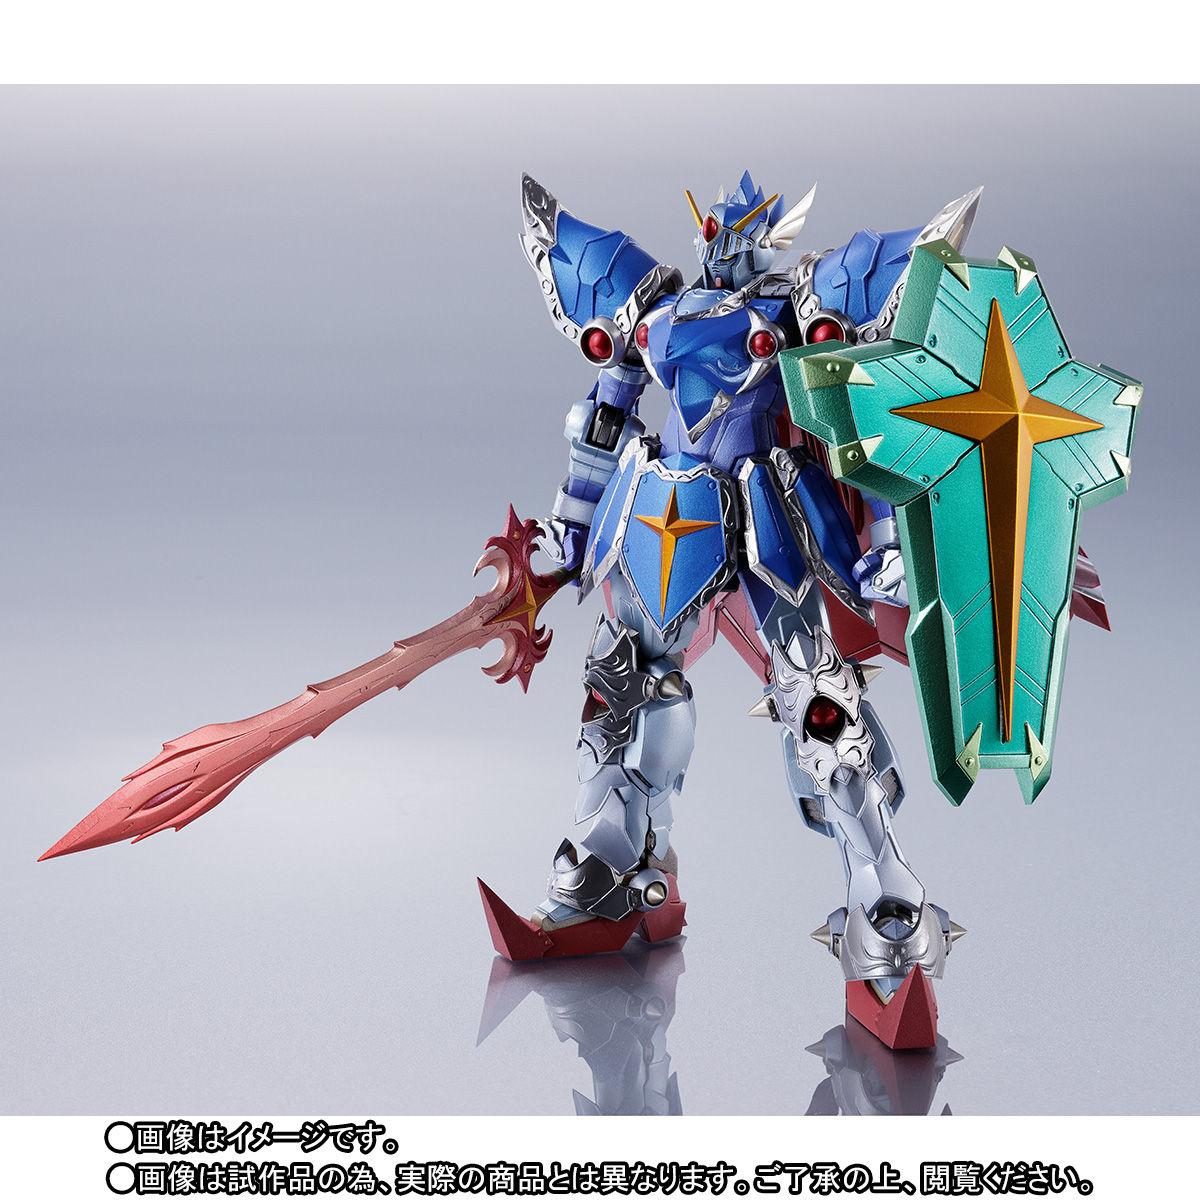 METAL ROBOT魂〈SIDE MS〉『フルアーマー騎士ガンダム(リアルタイプver.)|SDガンダム外伝』可動フィギュア-003